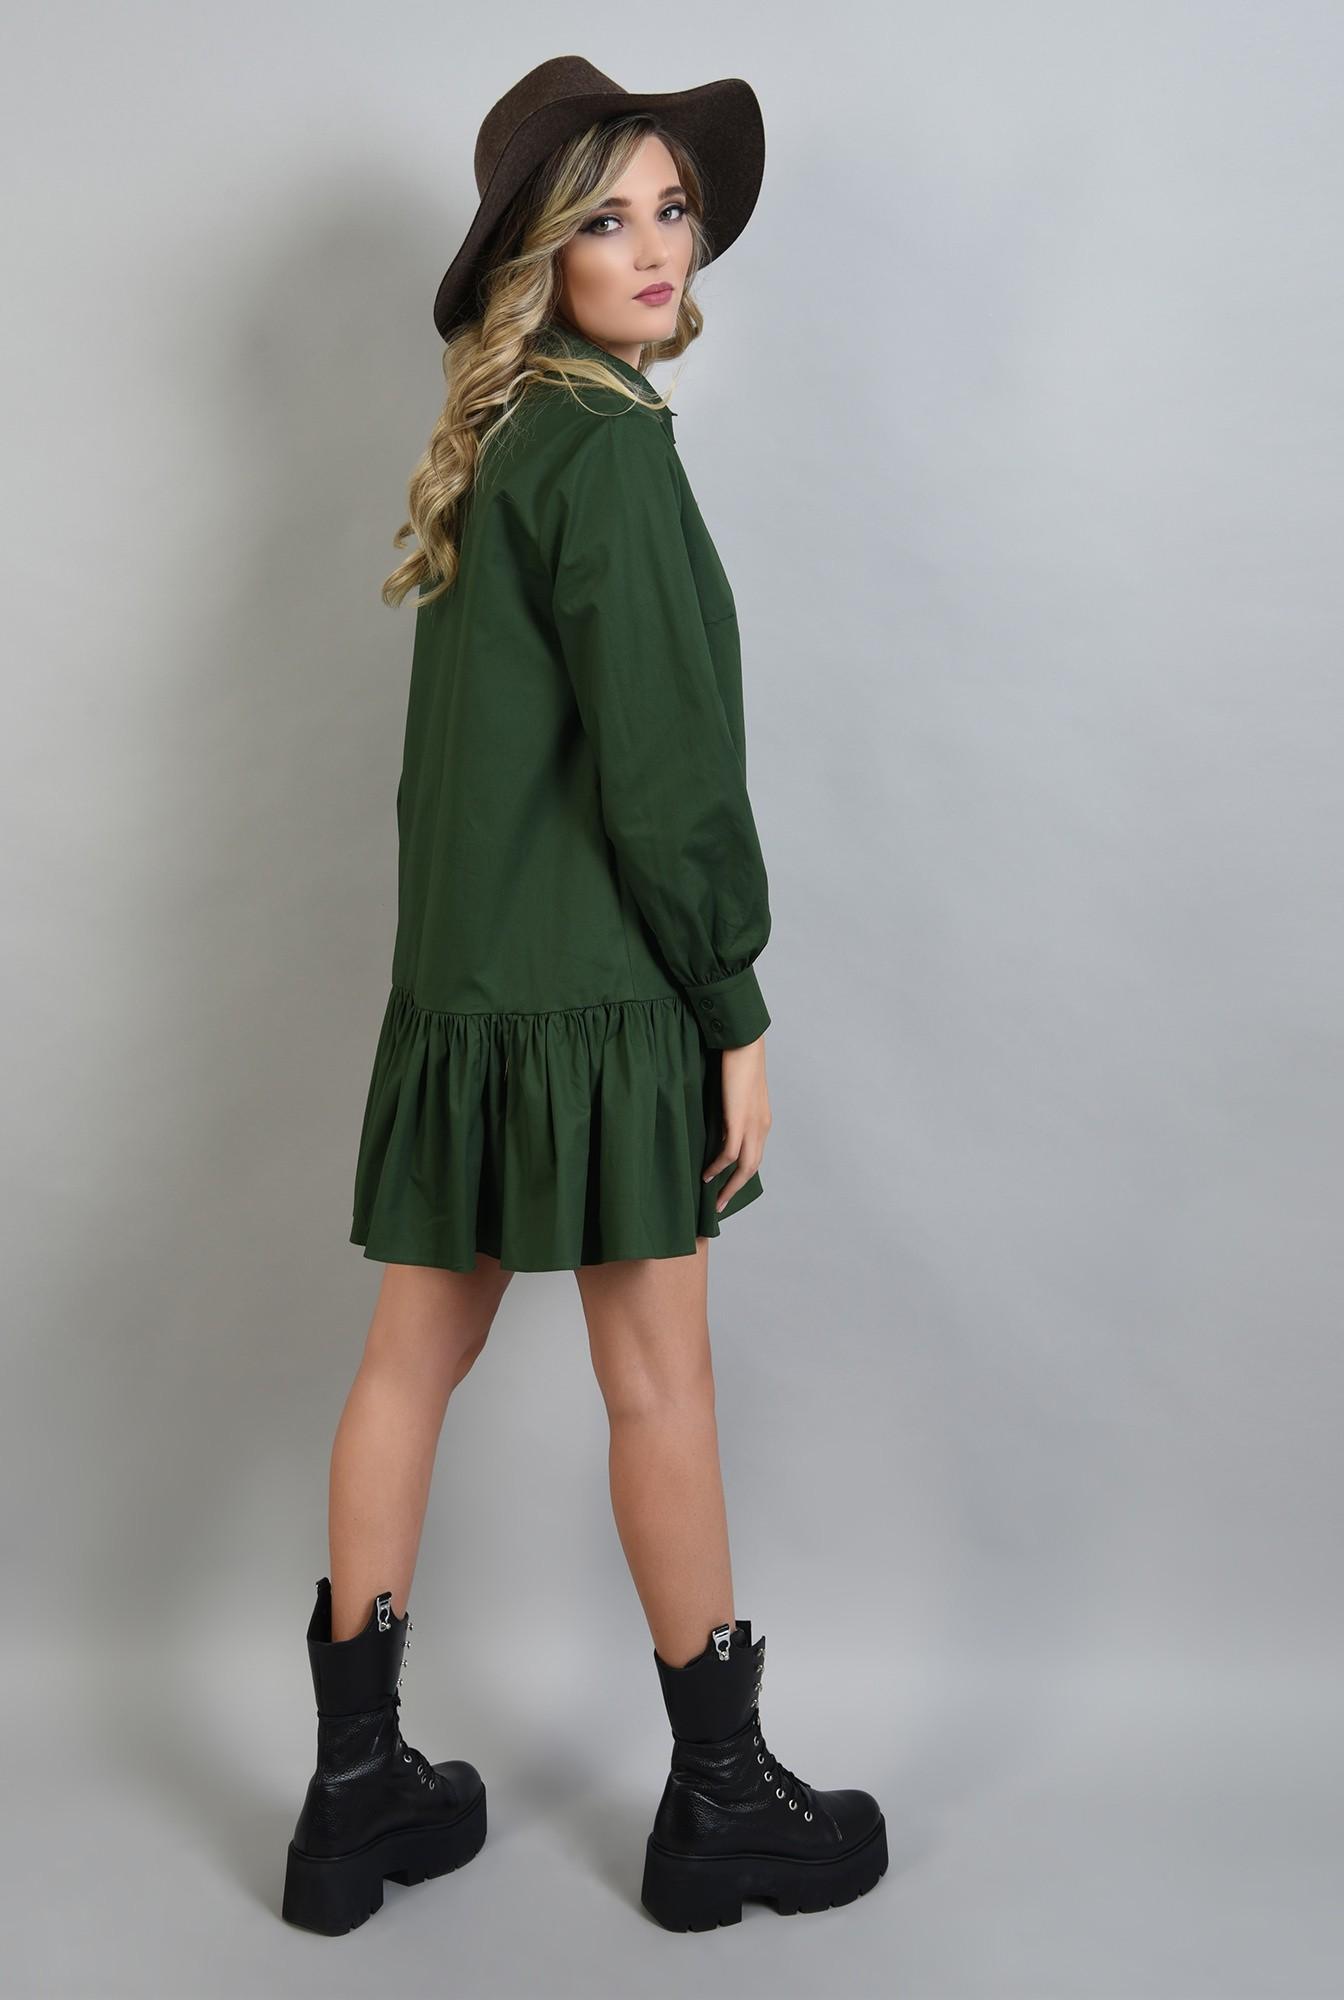 1 - rochie poplin verde, cu volan, guler, Poema